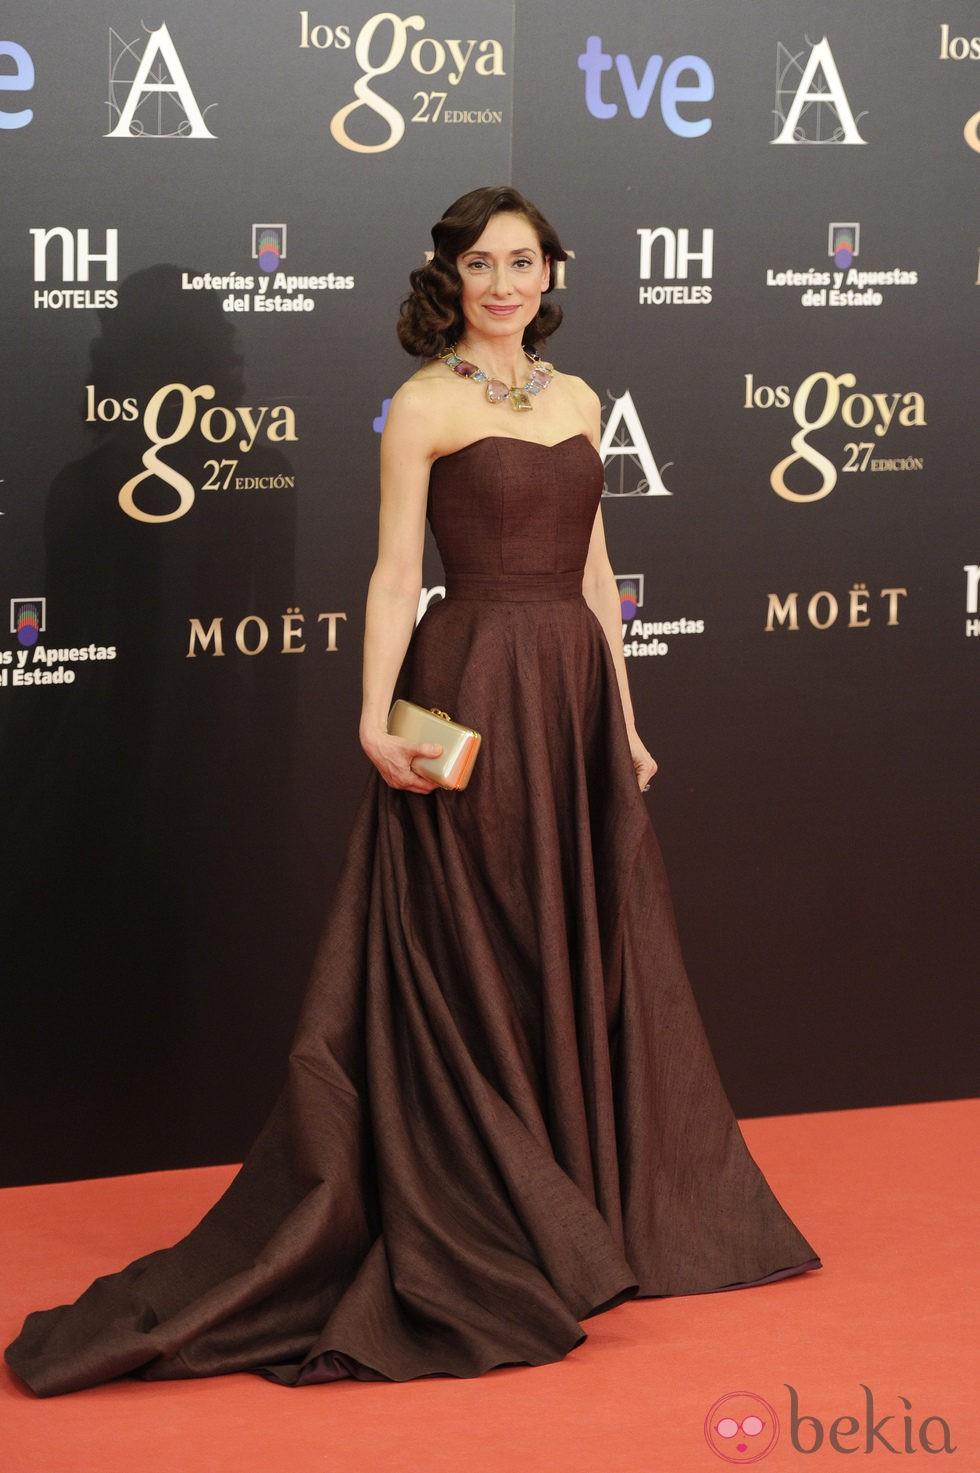 Rosana Pastor en la alfombra roja de los Goya 2013